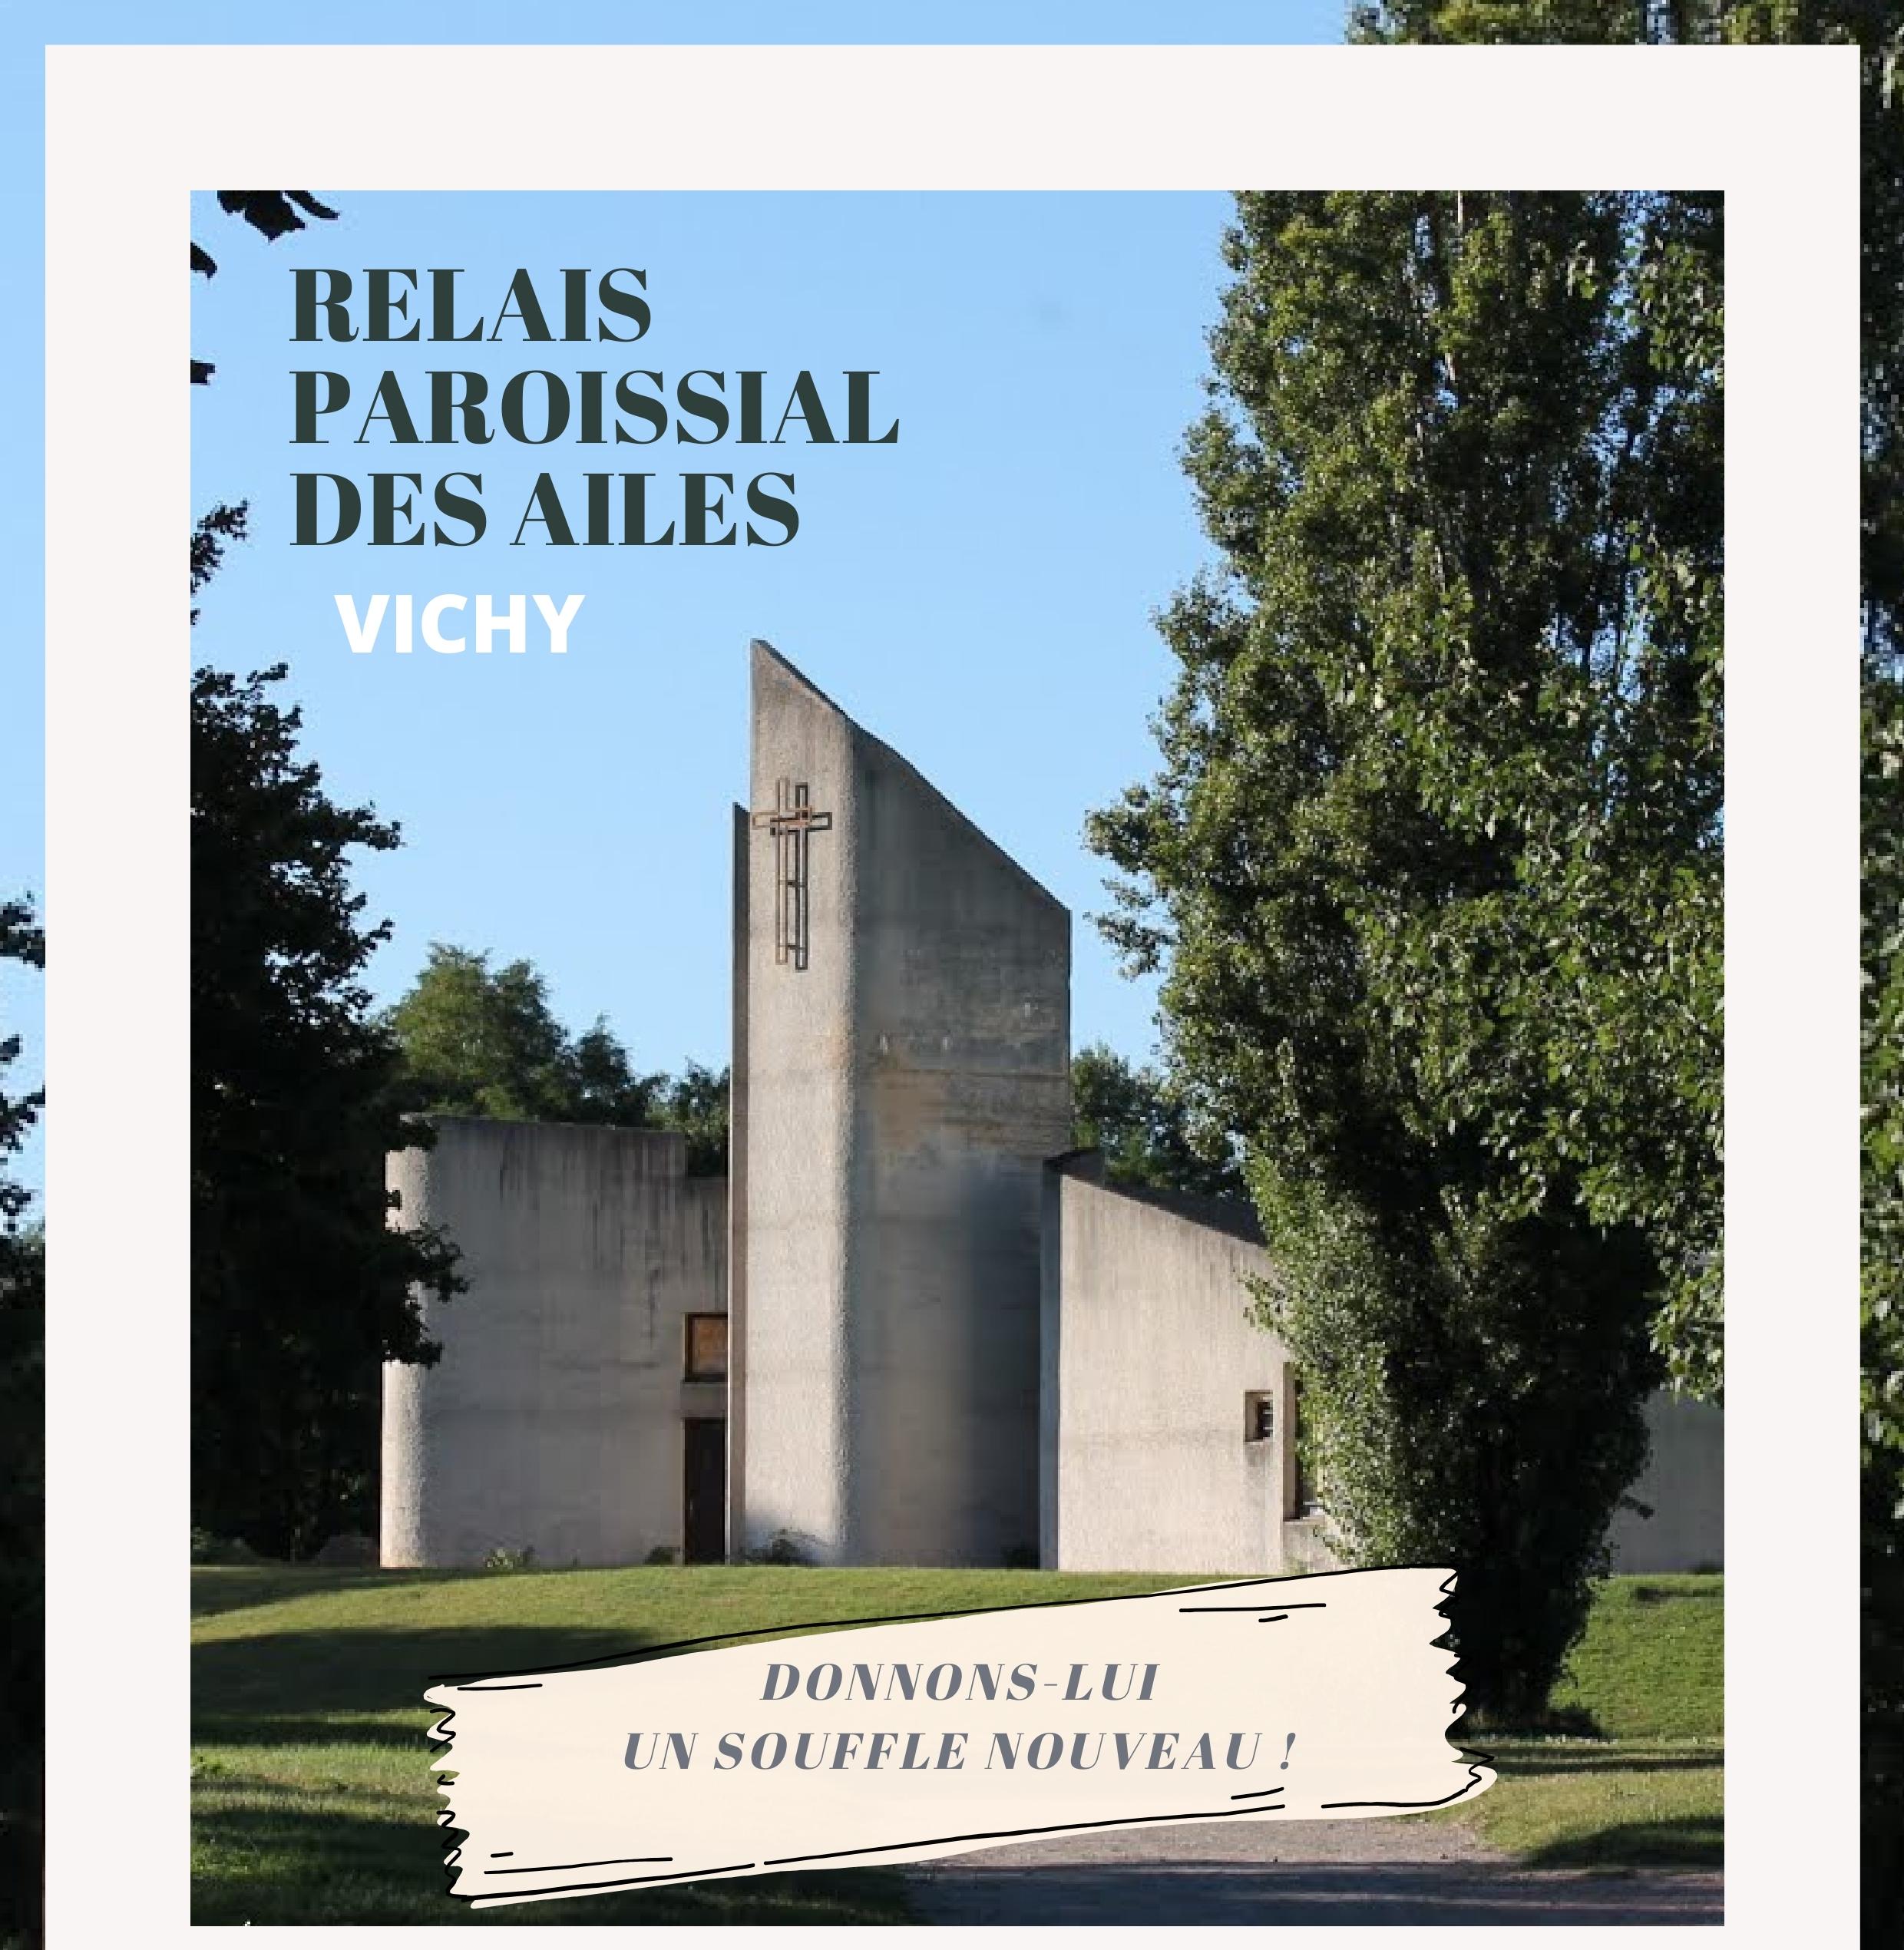 Relais Paroissial des Ailes  Vichy